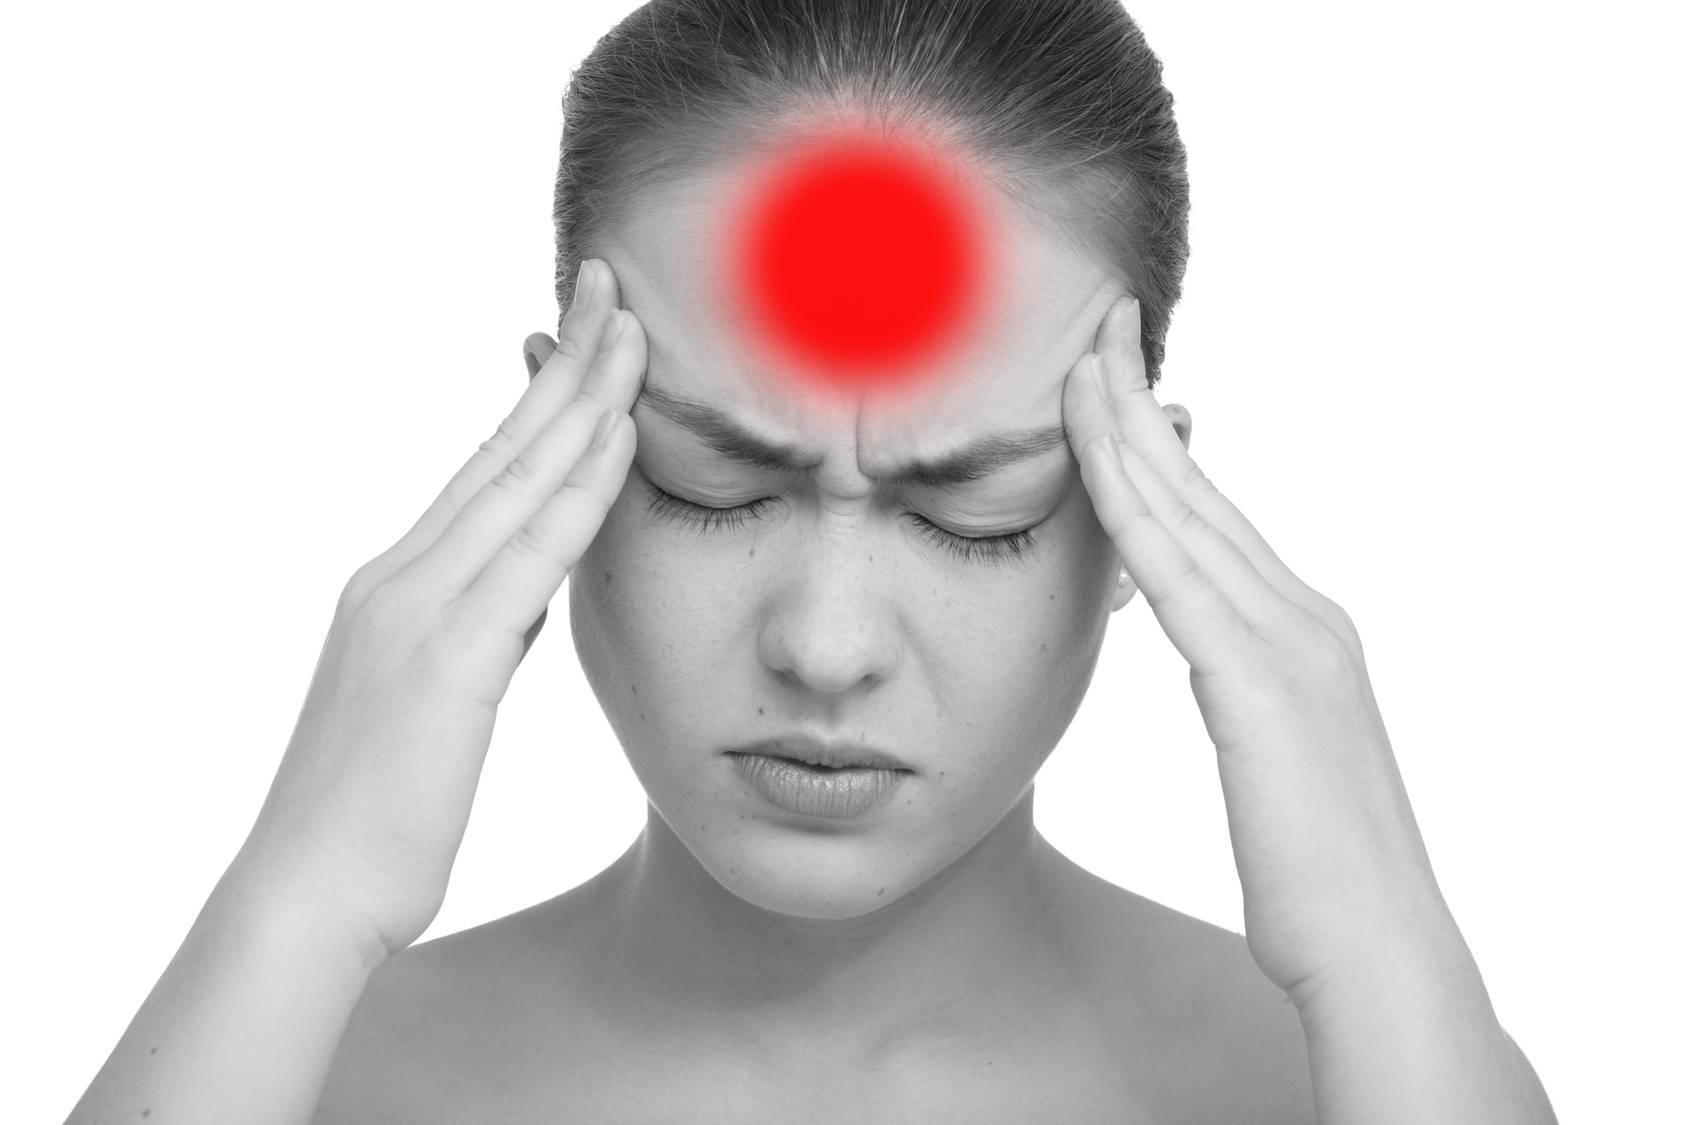 Головные боли и покраснения глаз - для врачей